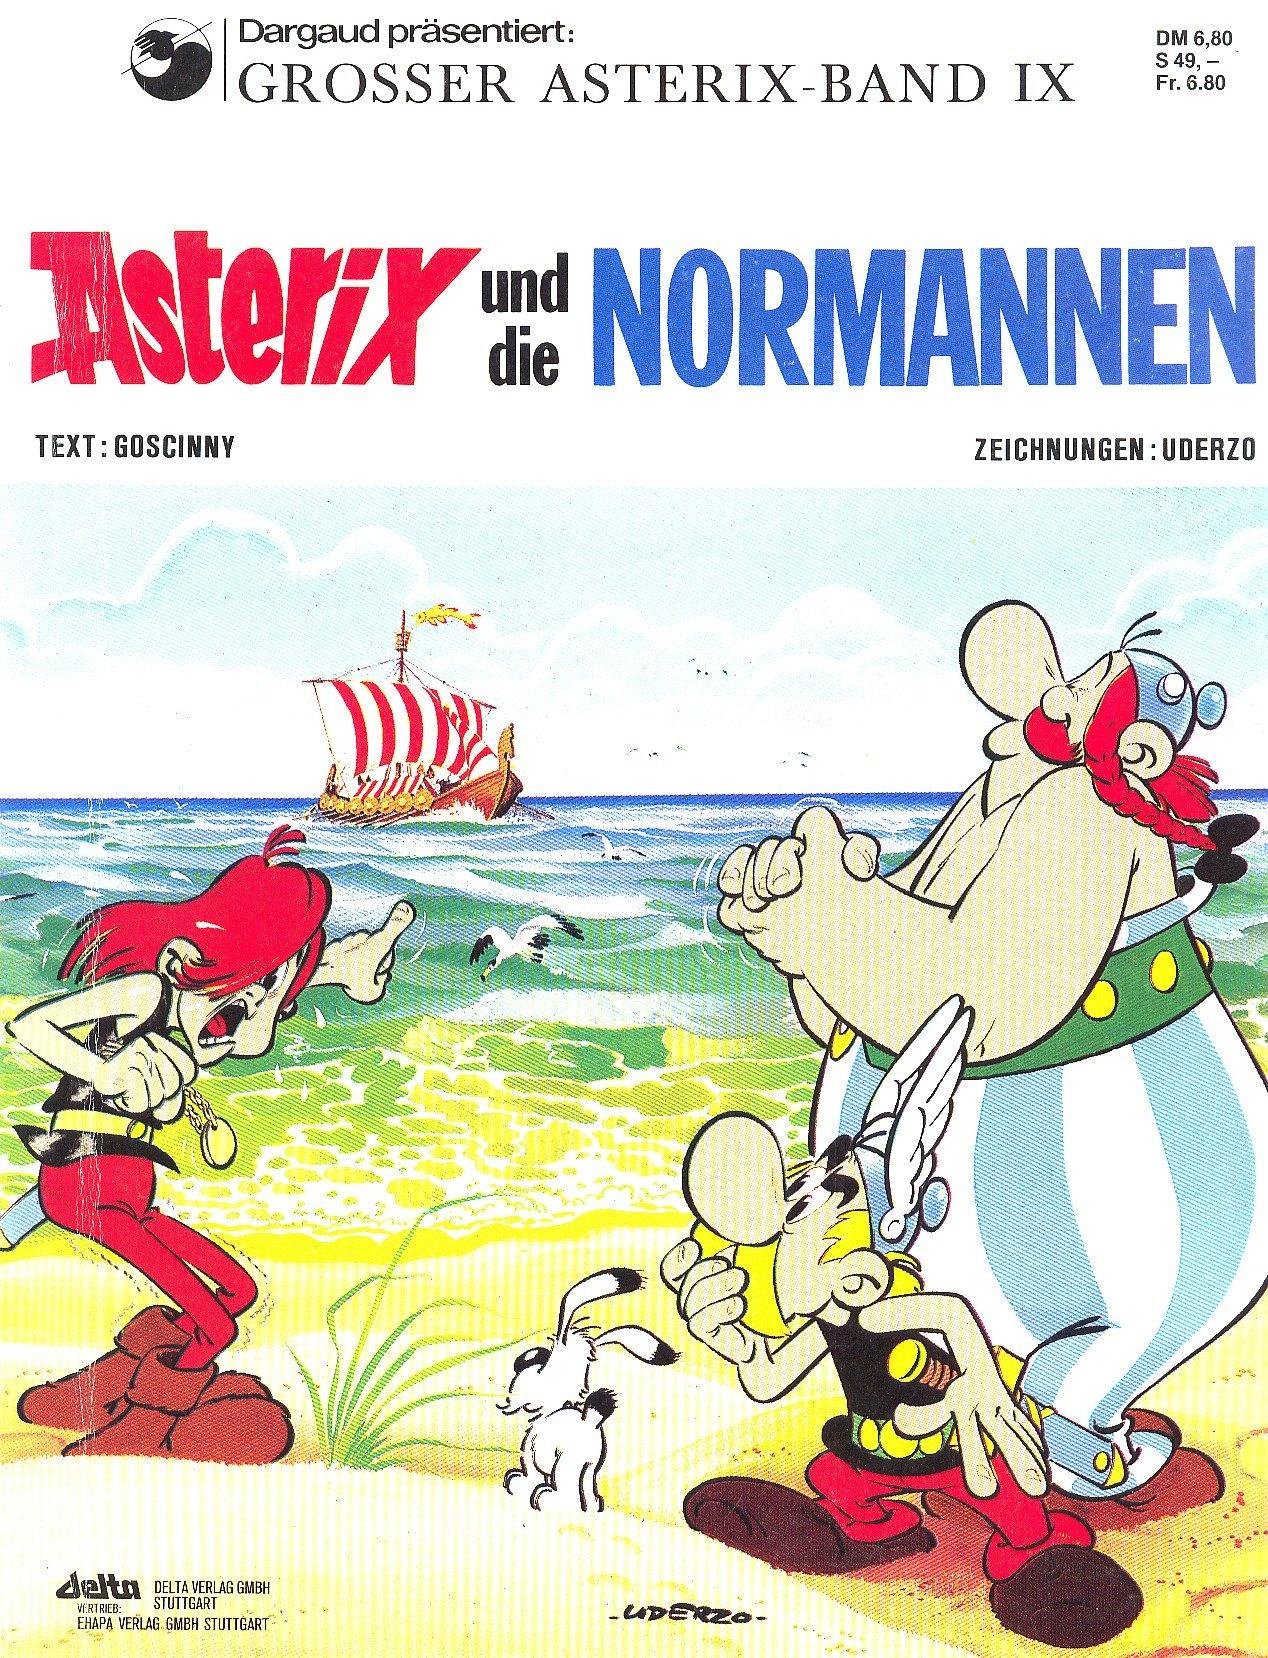 Asterix Band IX - Und die Normannen